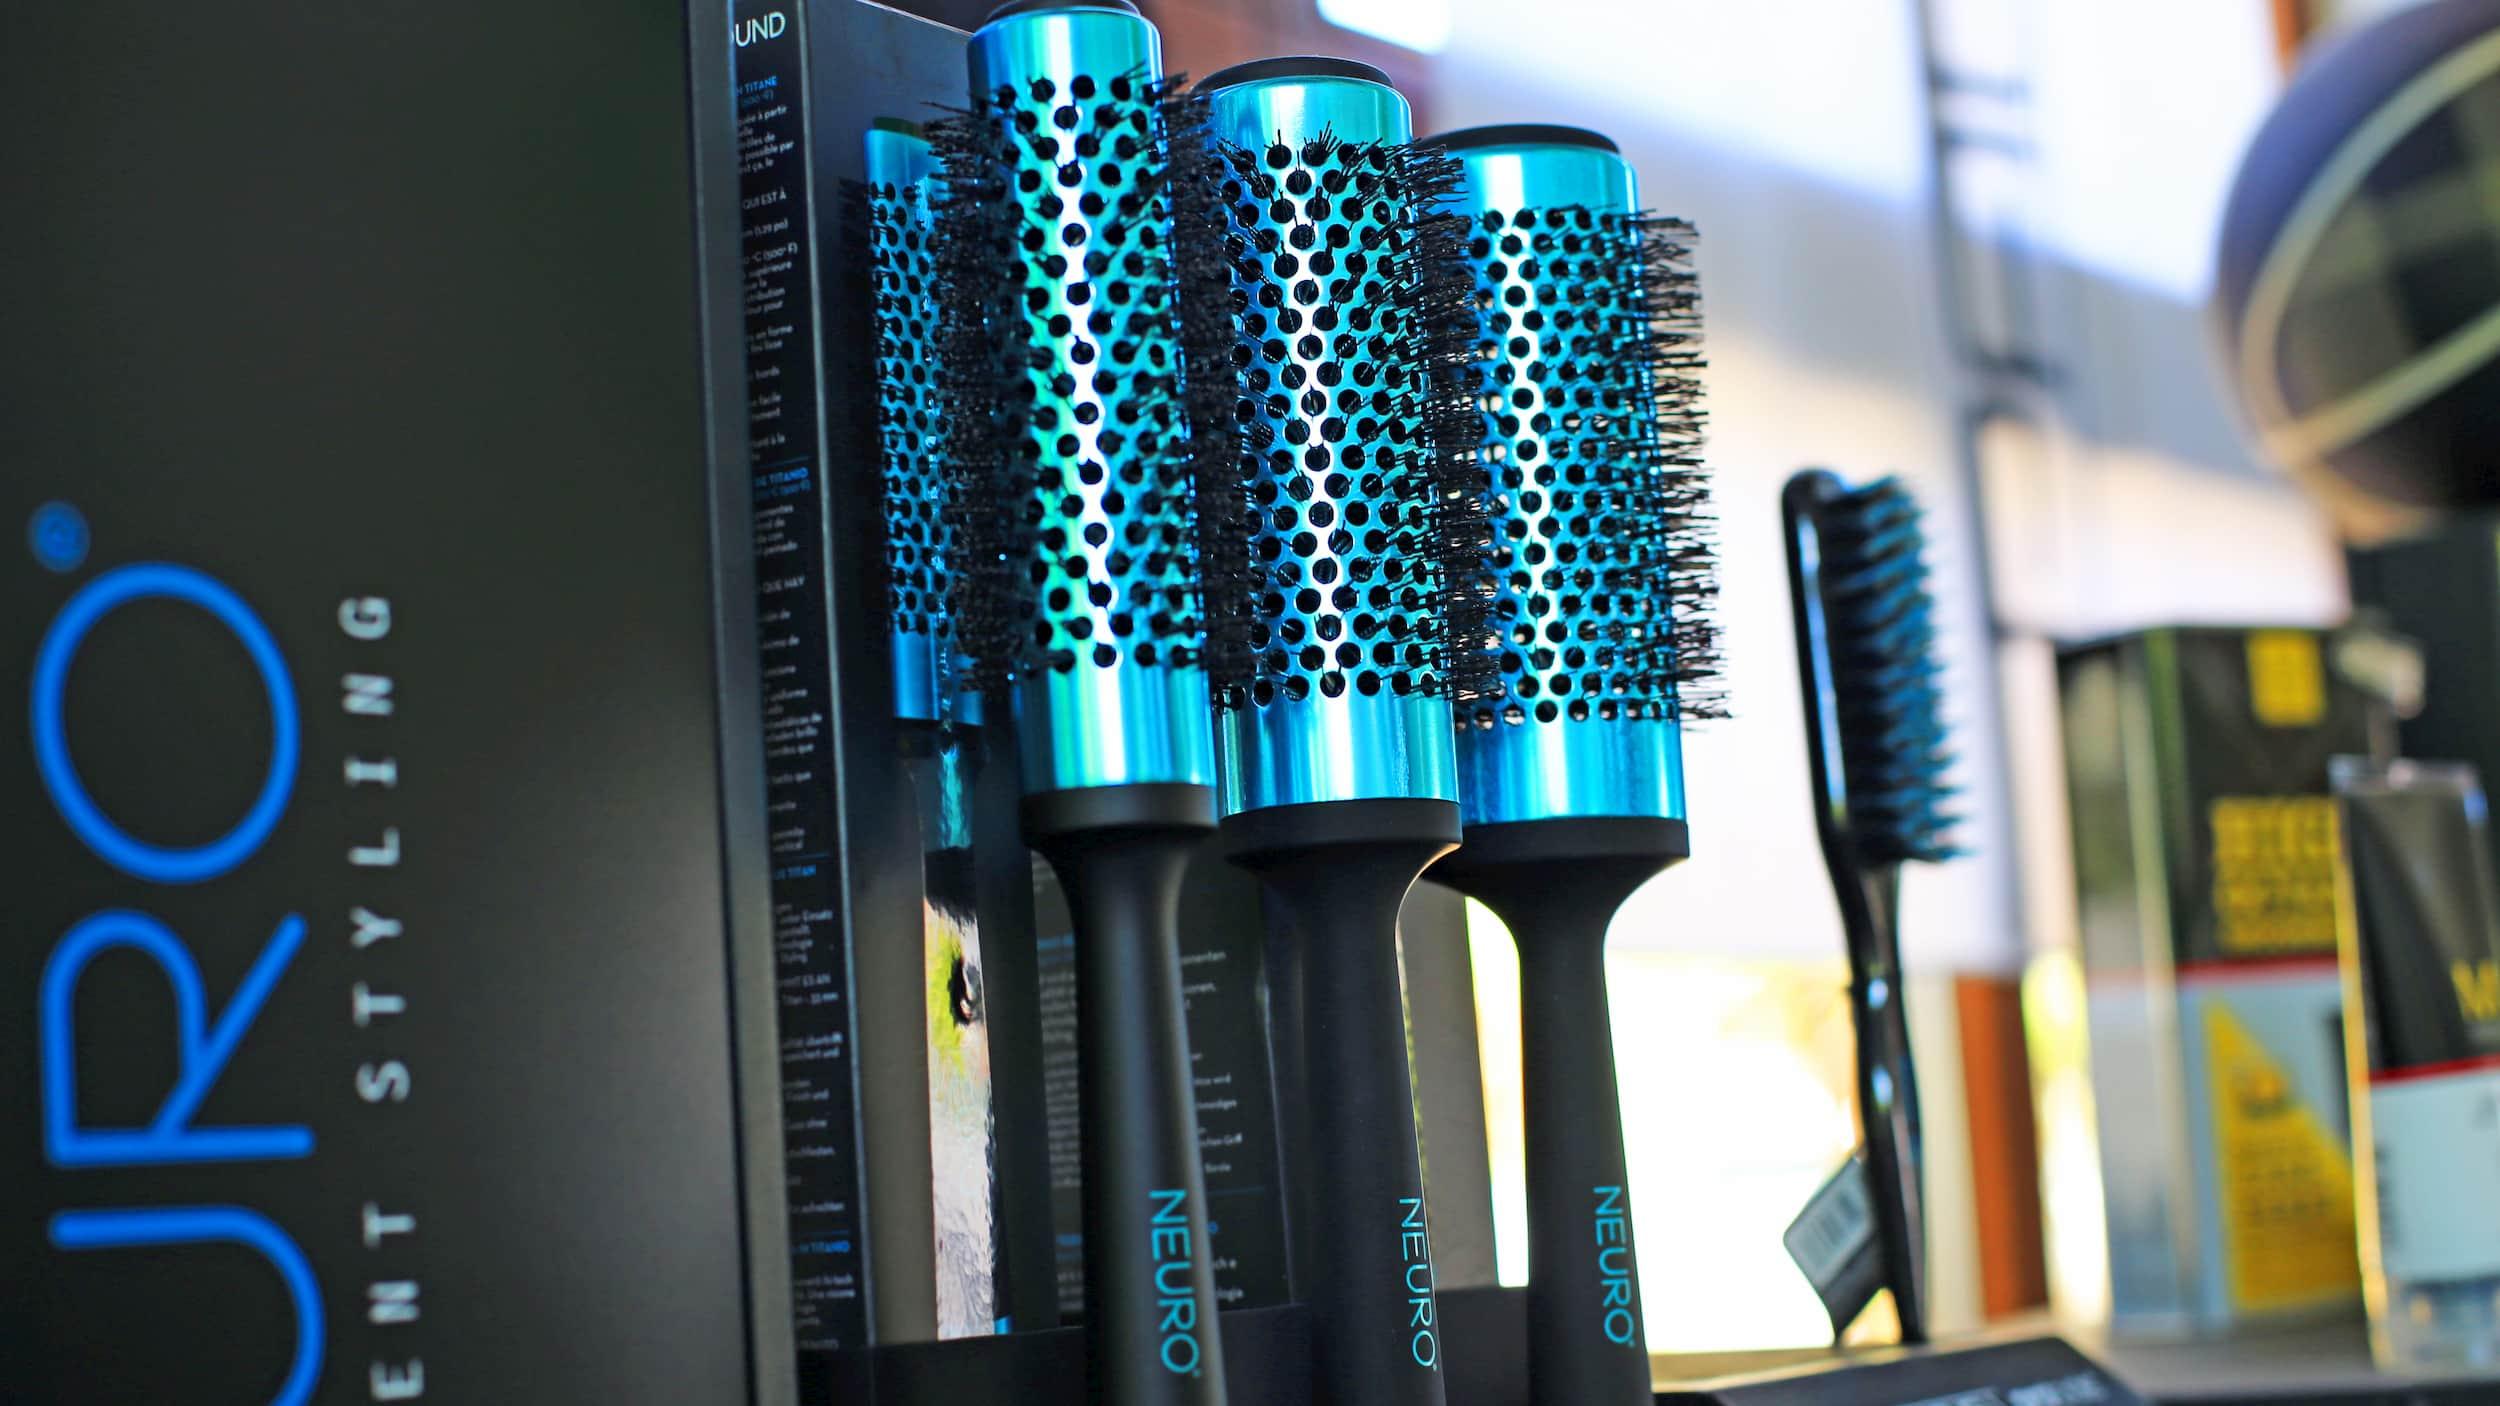 Produktpräsentation: Blaue Rundbürsten von Neuro